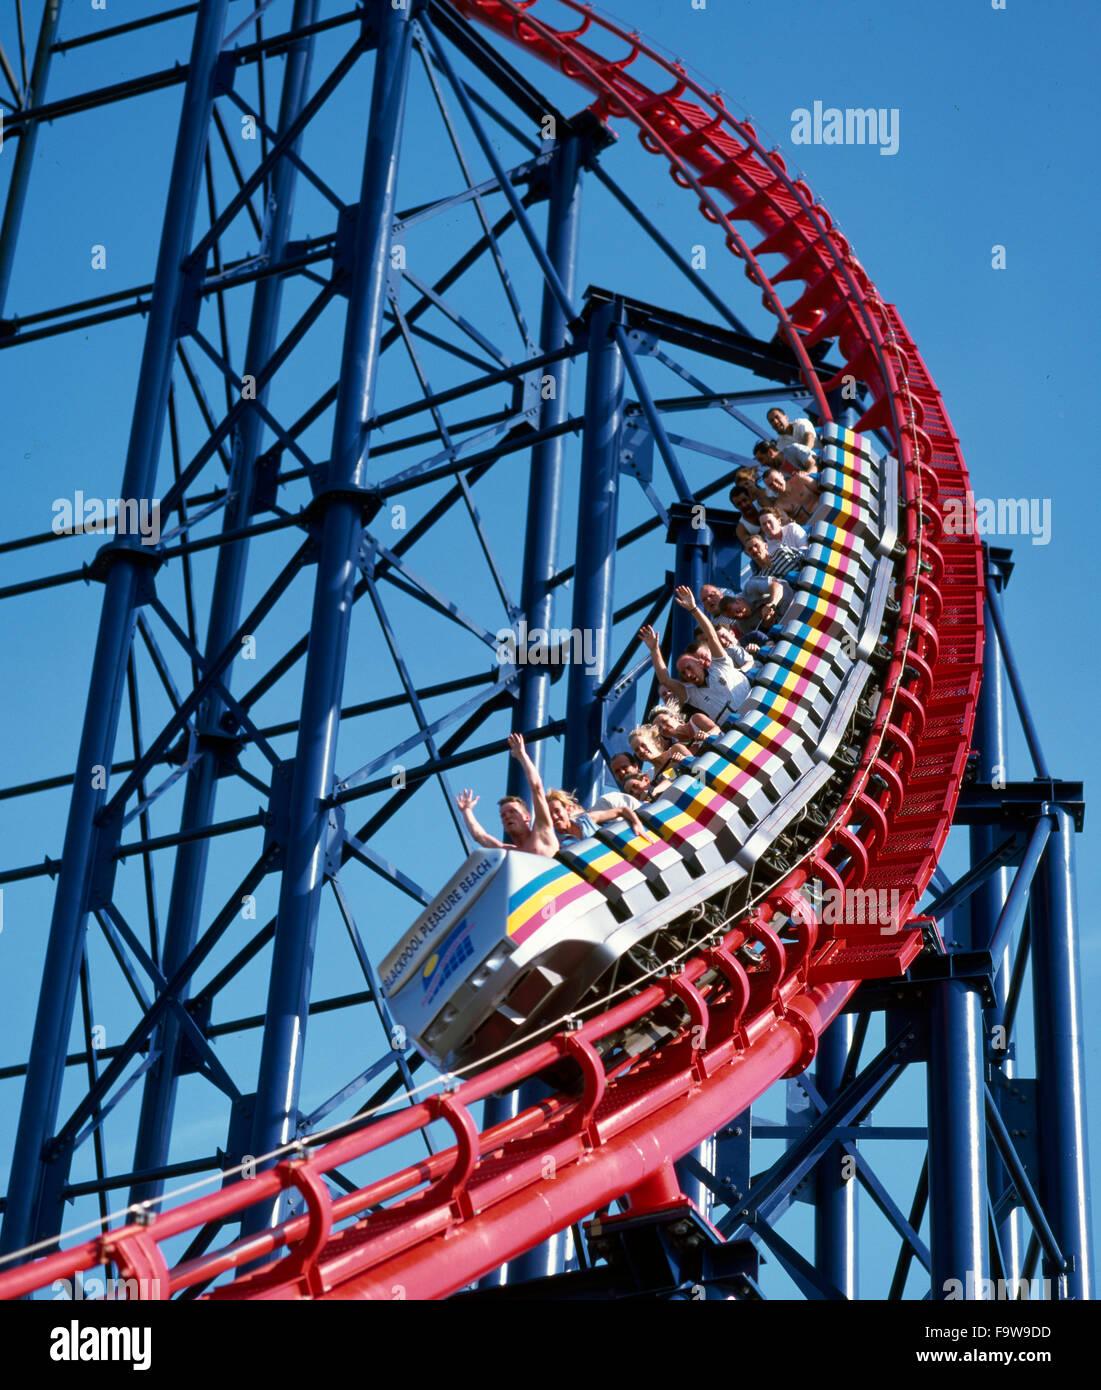 """Il """"Big One"""" Amusement ride a Blackpool Pleasure Beach di Blackpool, Lancashire Regno Unito Inghilterra Immagini Stock"""